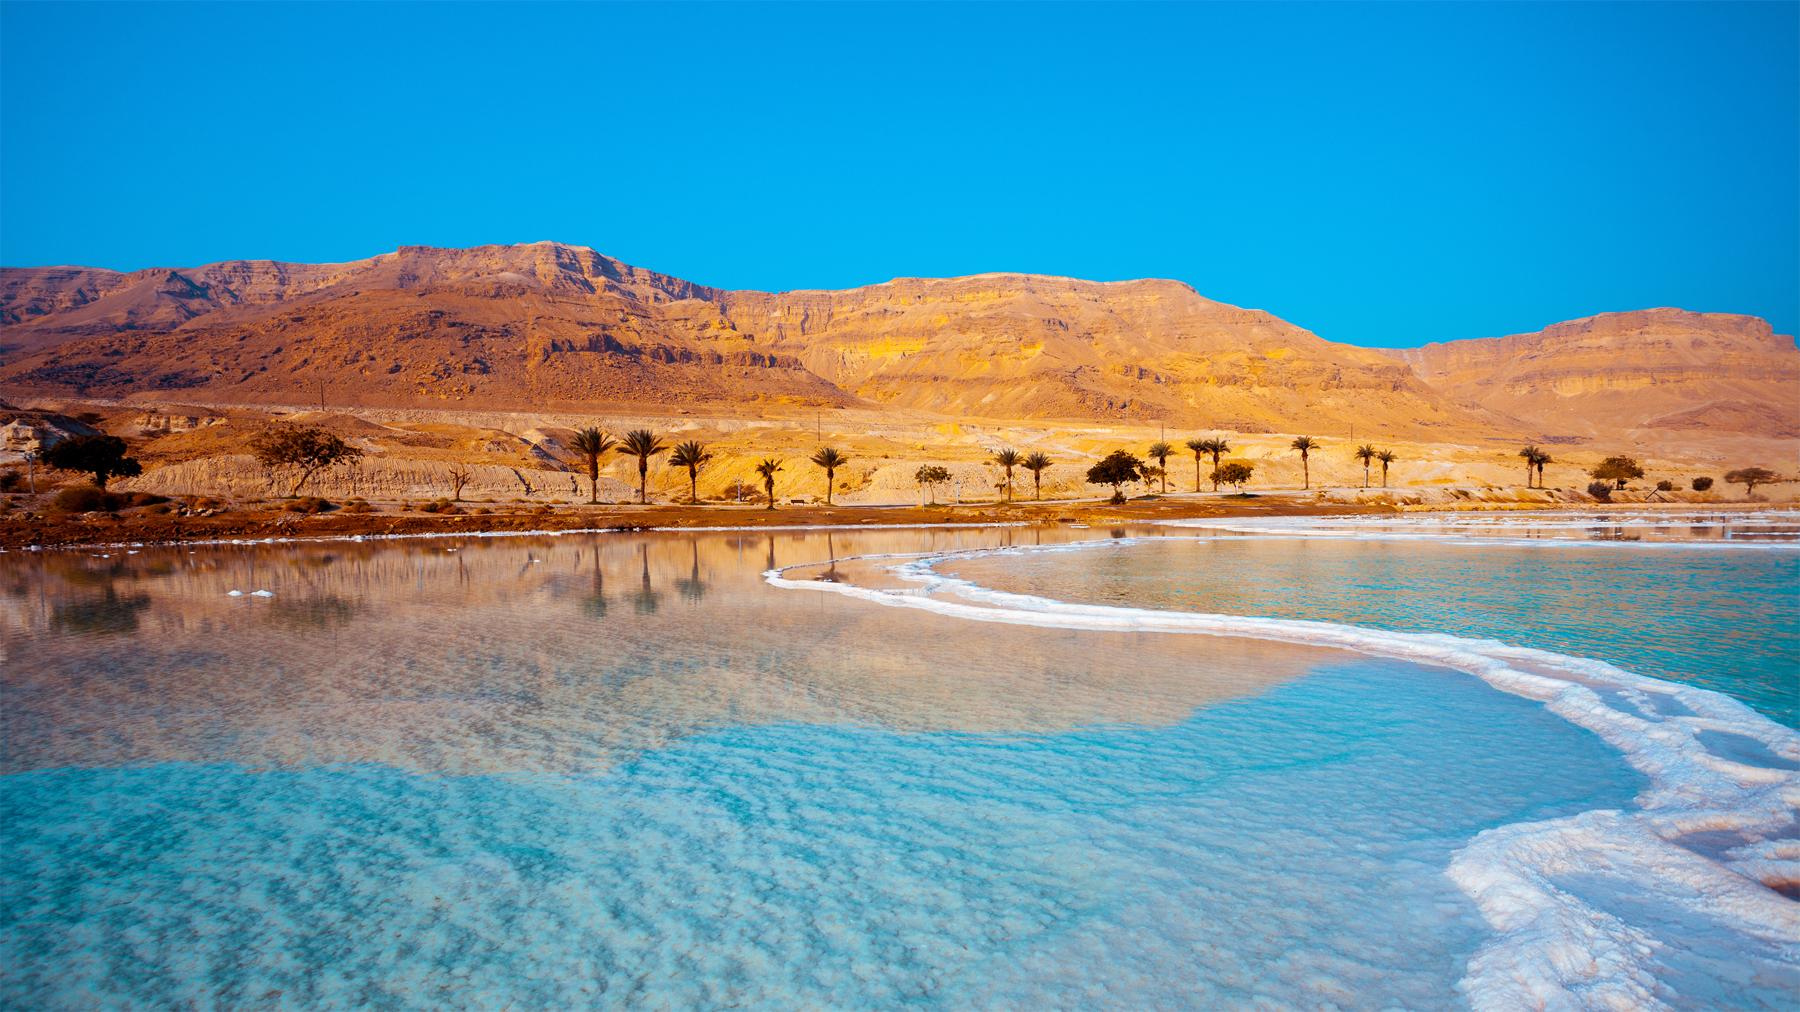 13:00 - 15:00 Dead Sea